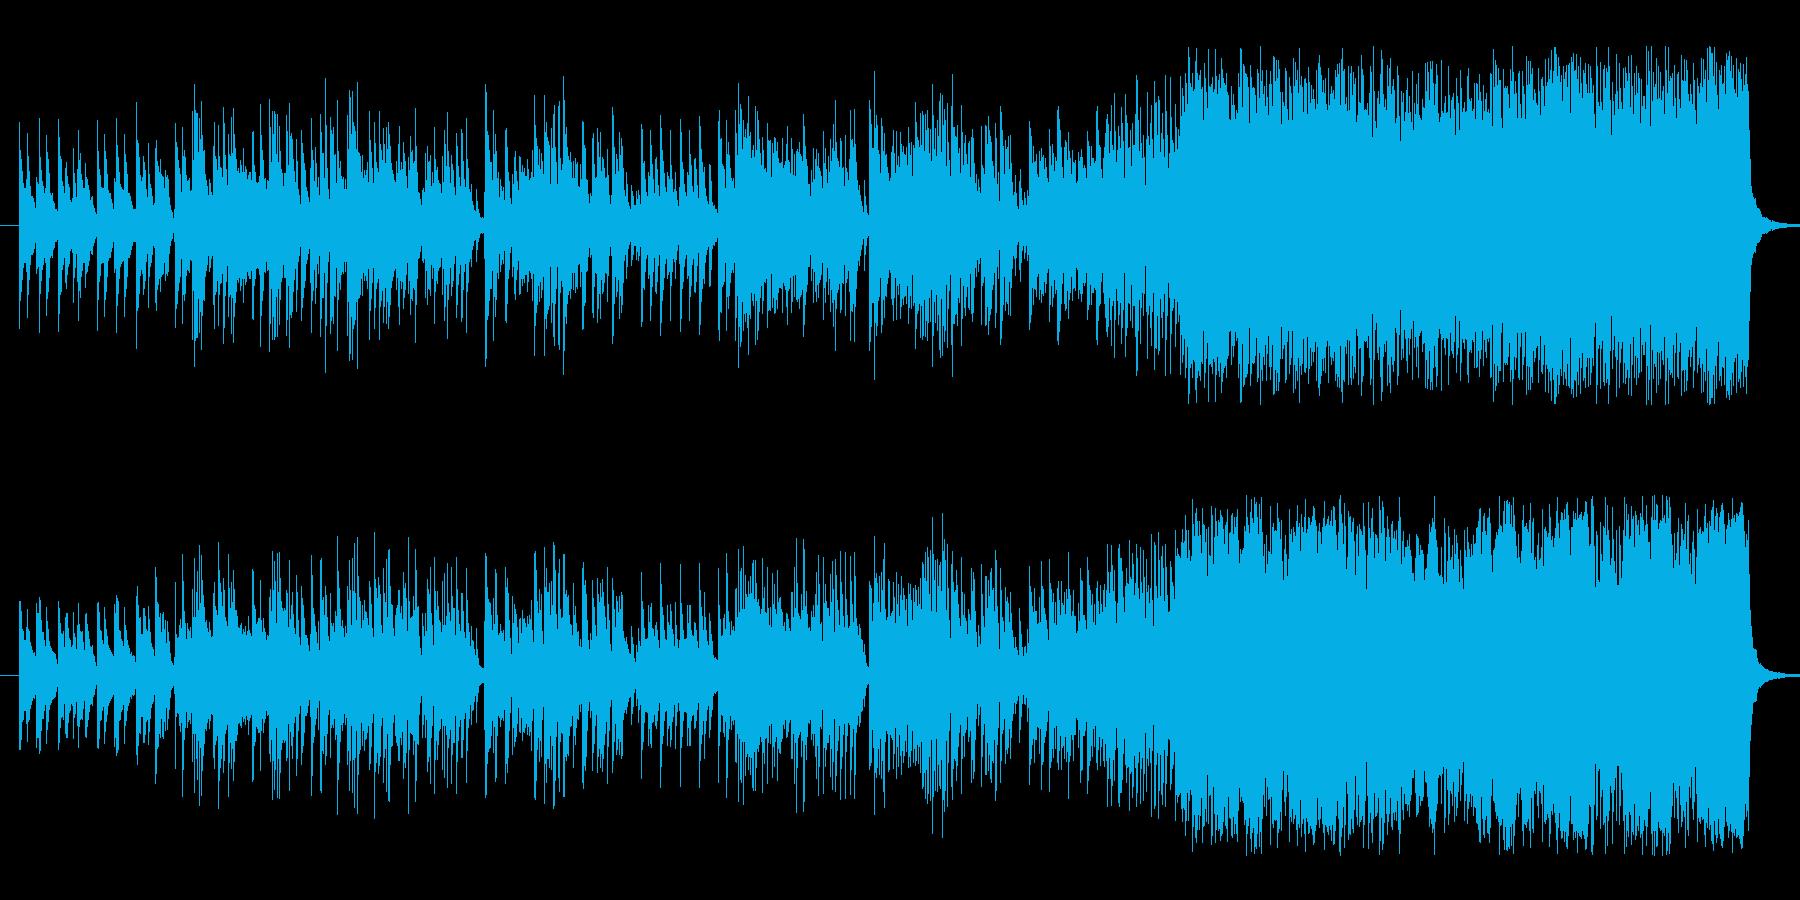 ある日の感情の変化をピアノで表現した曲の再生済みの波形